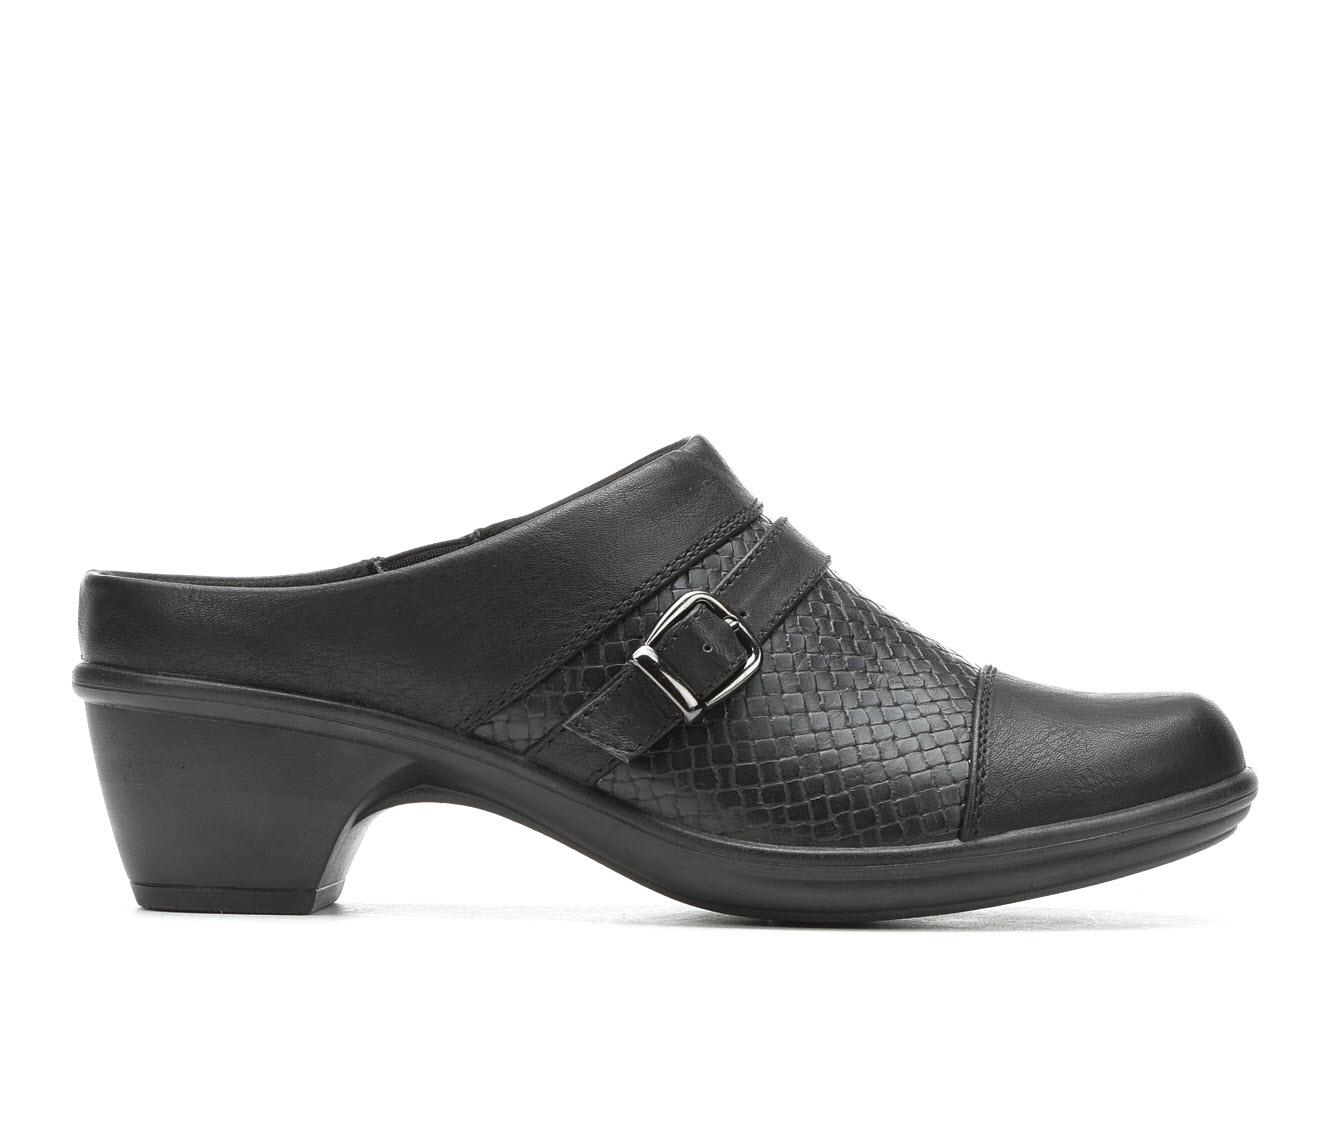 Easy Street Cleveland II Women's Shoe (Black Faux Leather)